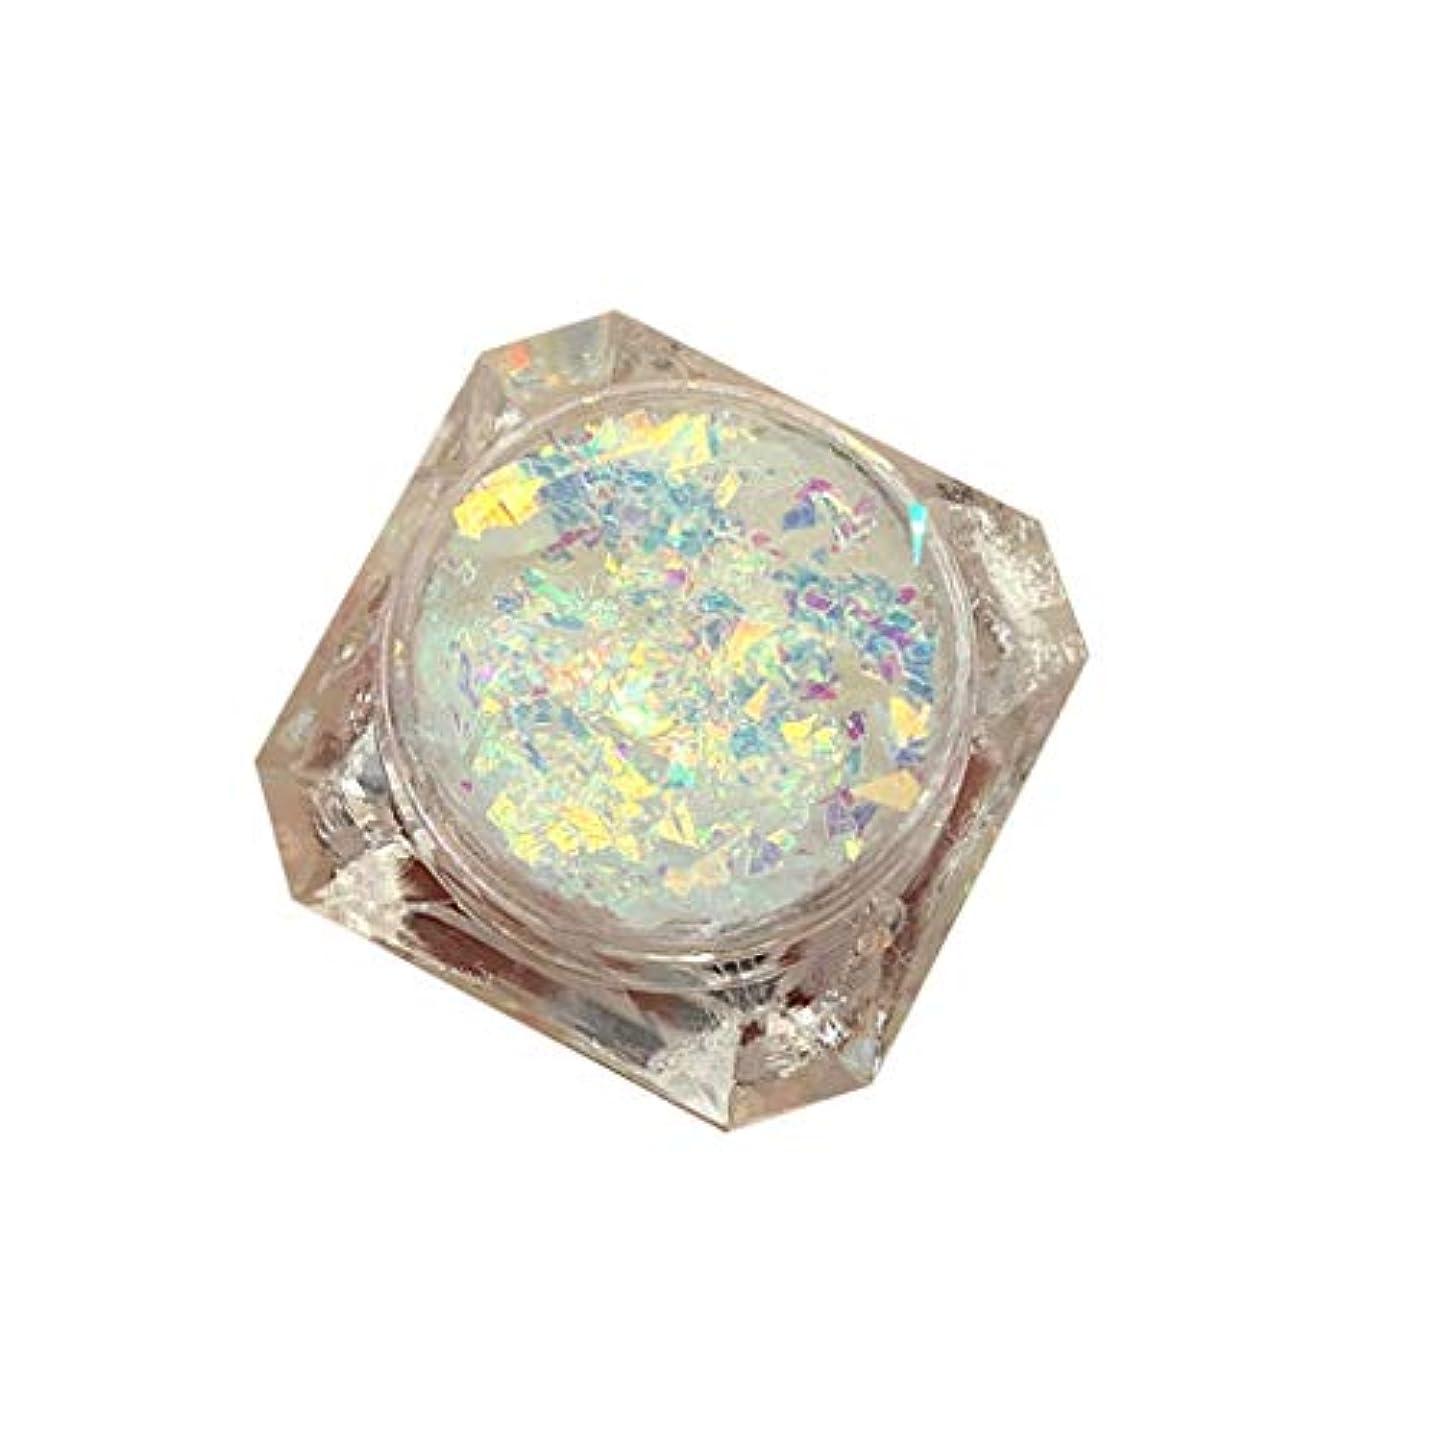 保証命題送信するGOOD lask 接着剤フリーのスパンコール混合ゲルジェルクリーム真珠光沢のある高光沢グリッターグリッターアイパウダールースパウダージェルシャドウセット (N)